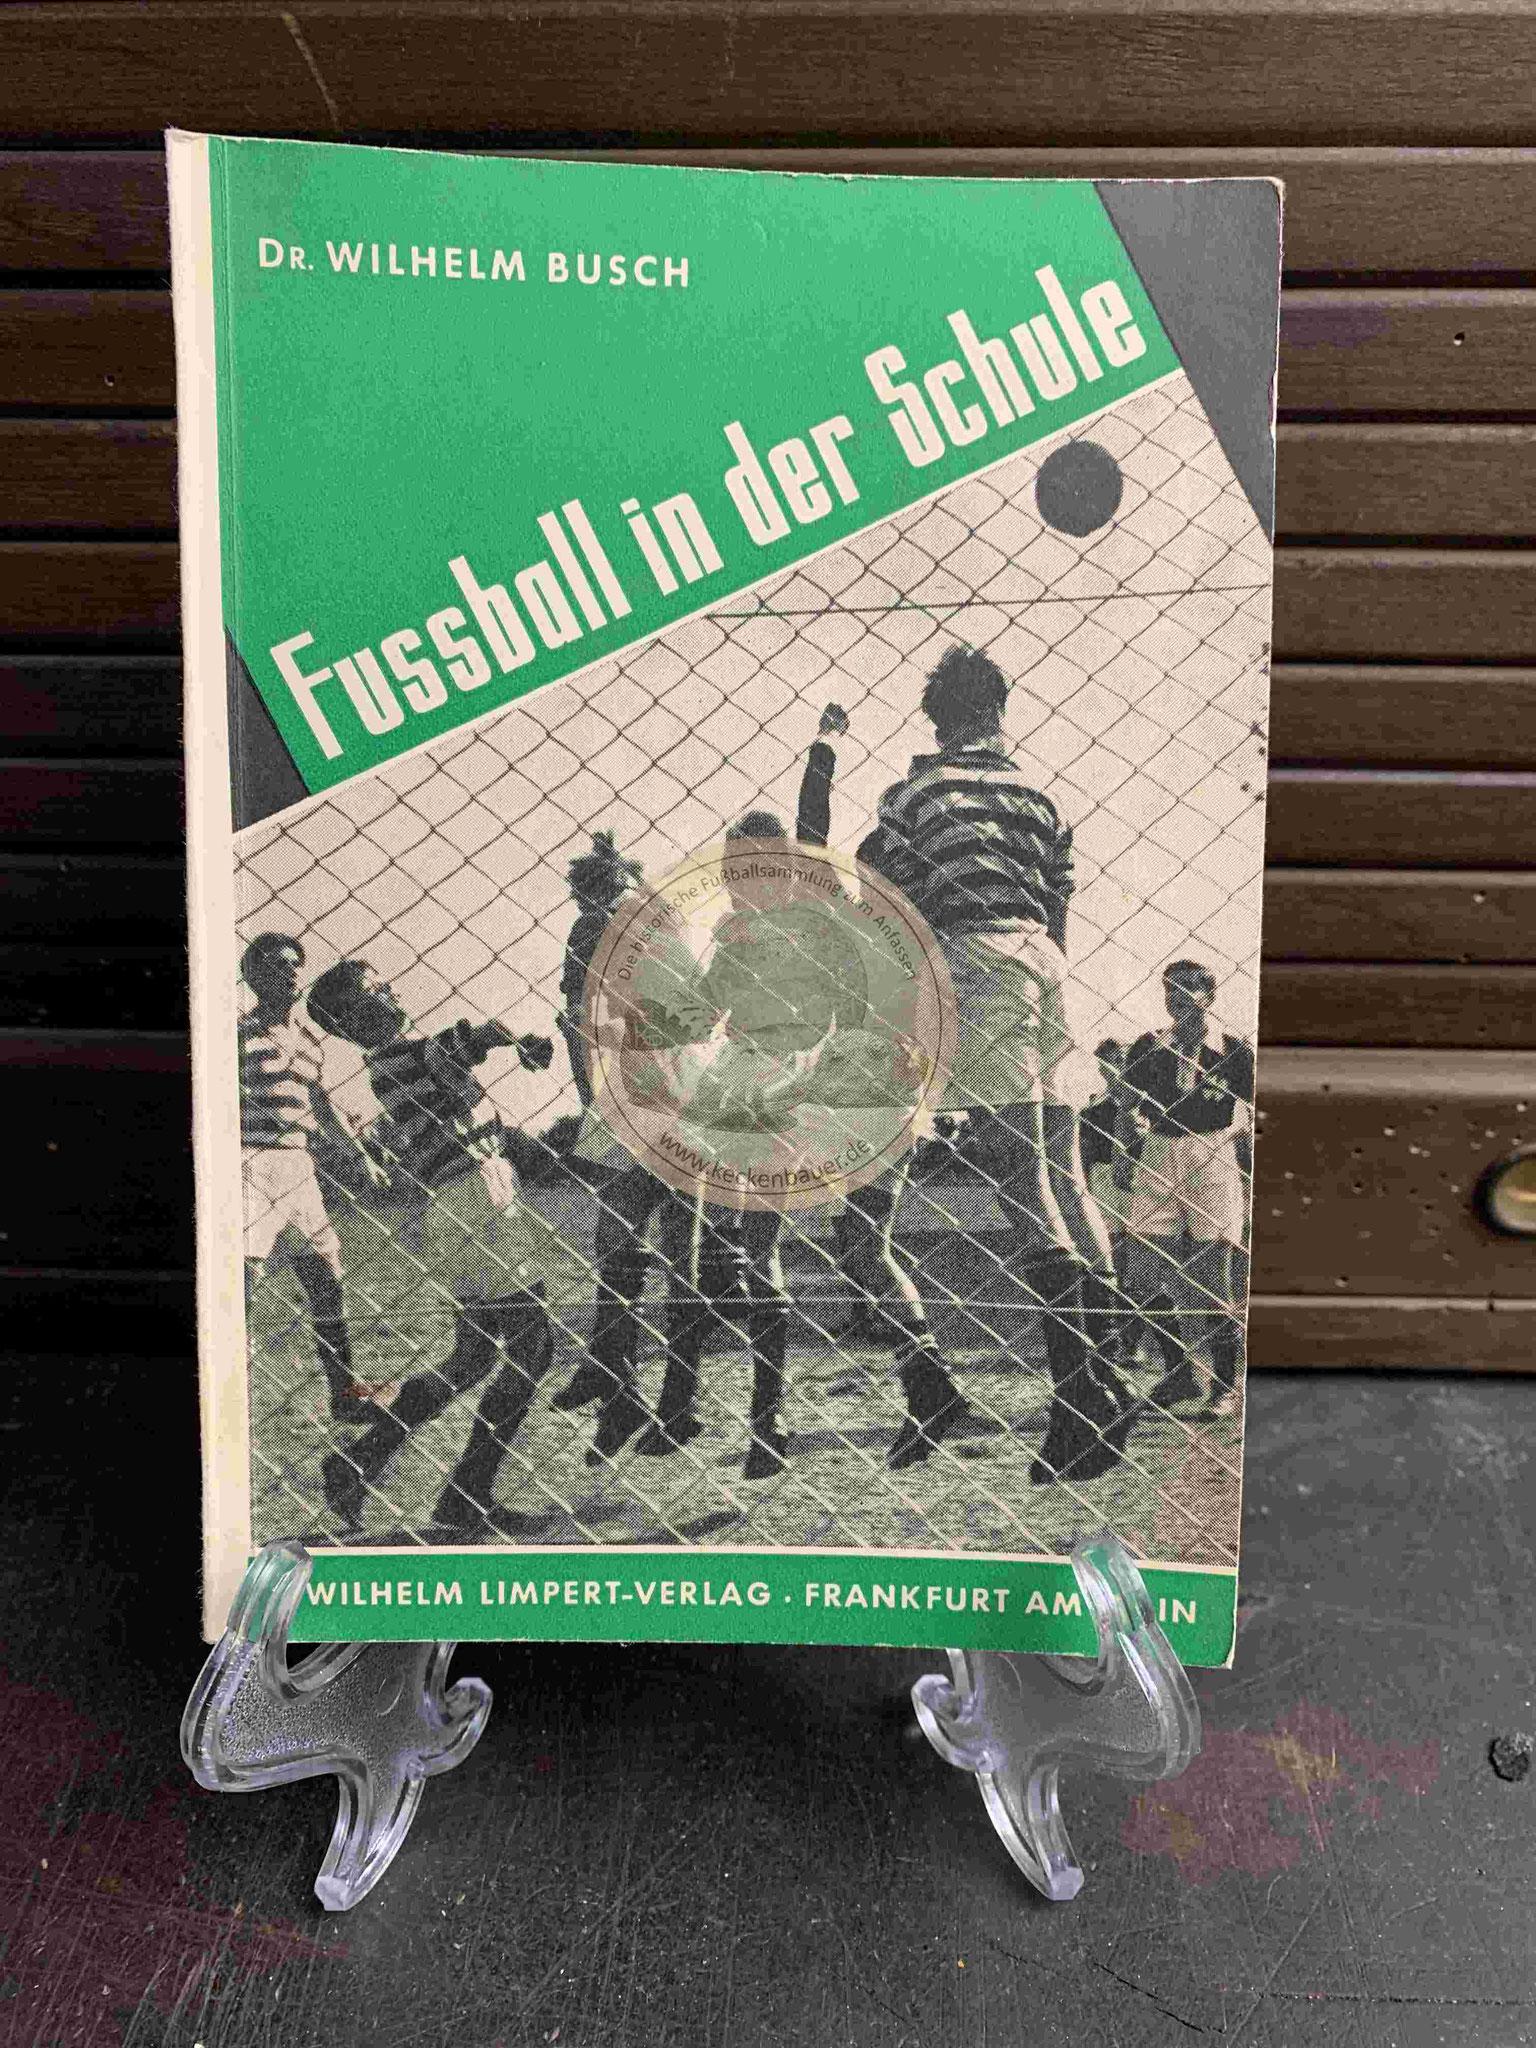 Dr. Wilhelm Busch Fussball in der Schule aus dem Jahr 1957